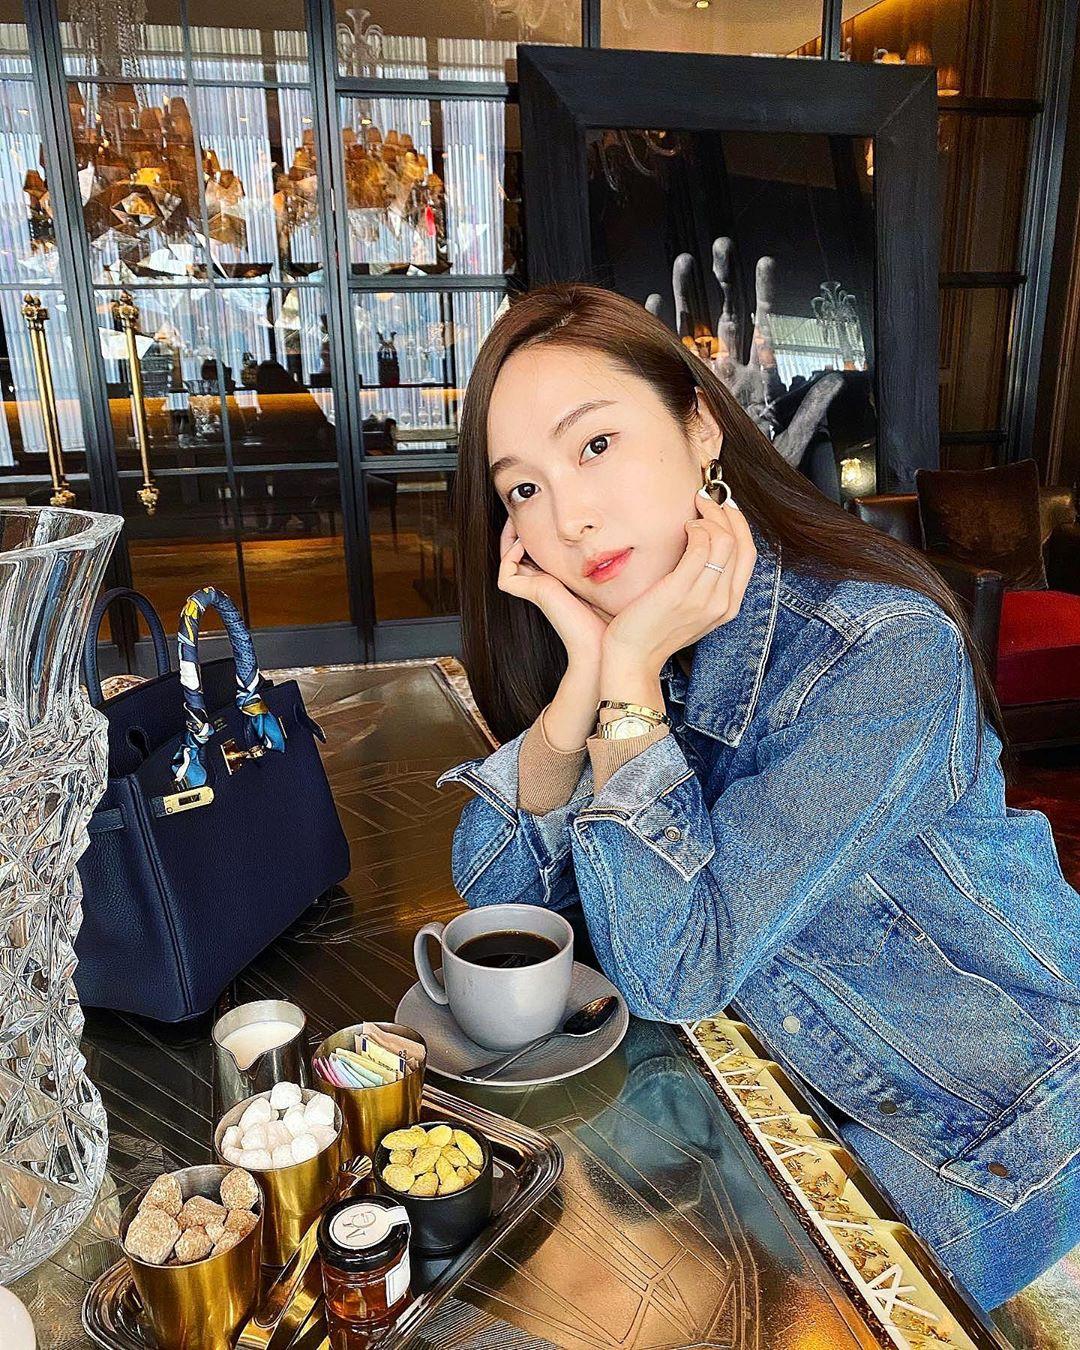 Cũng đeo những chiếc túi xách đắt đỏ, đẳng cấp giống sao Việt nhưng Jessica thích mặc đồ đơn giản hơn hẳn. Cựu thành viên SNSD có thể diện một bộ suit trơn màu hay thậm chí diện đồ jeans năng động.